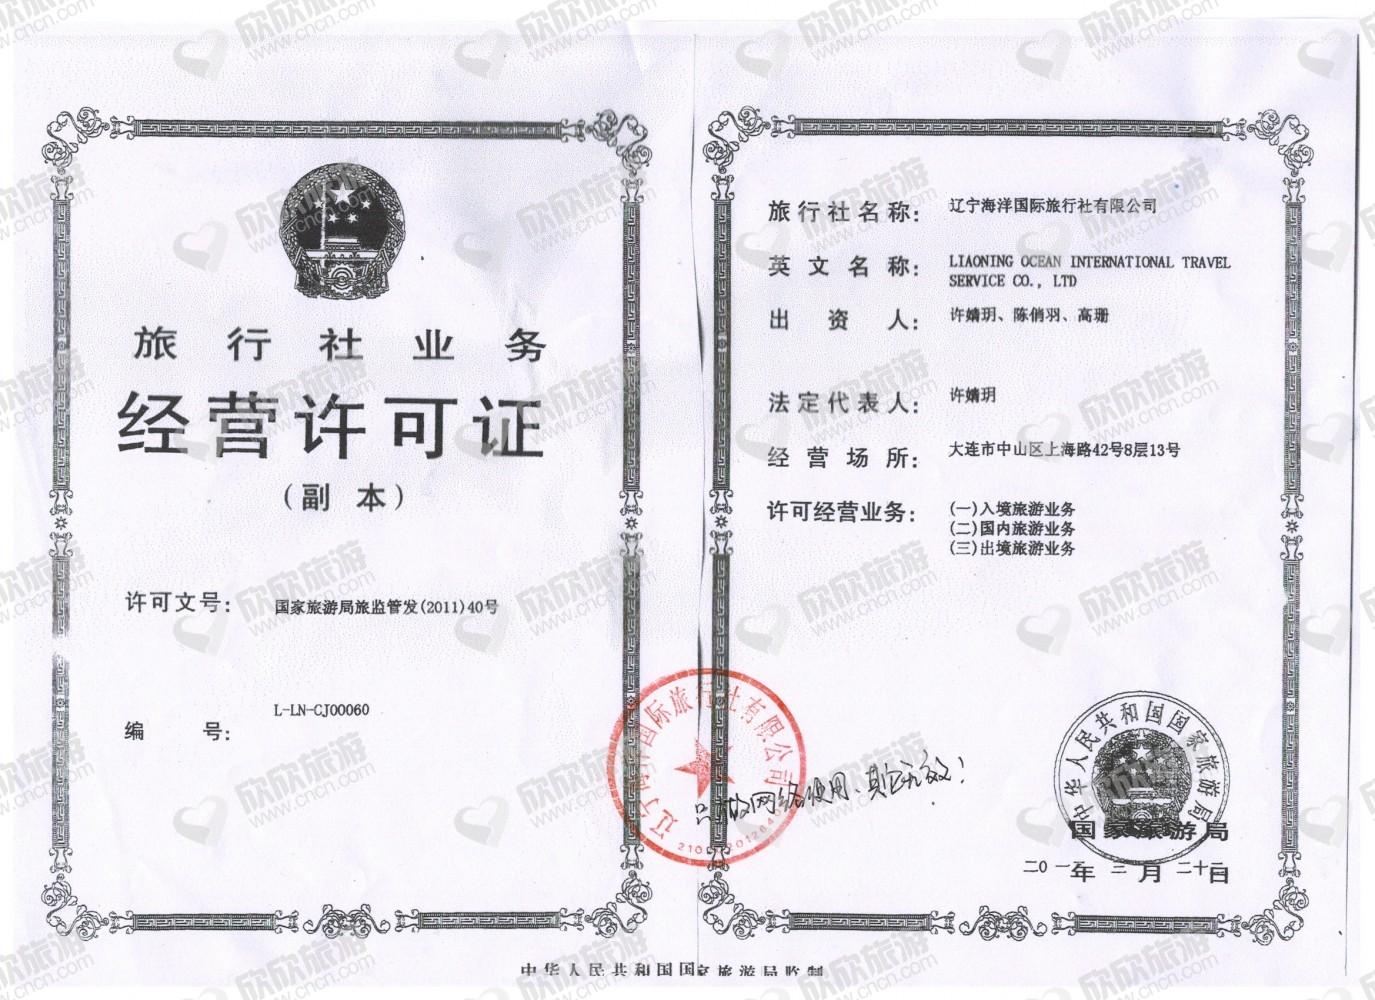 辽宁海洋国际旅行社有限公司经营许可证